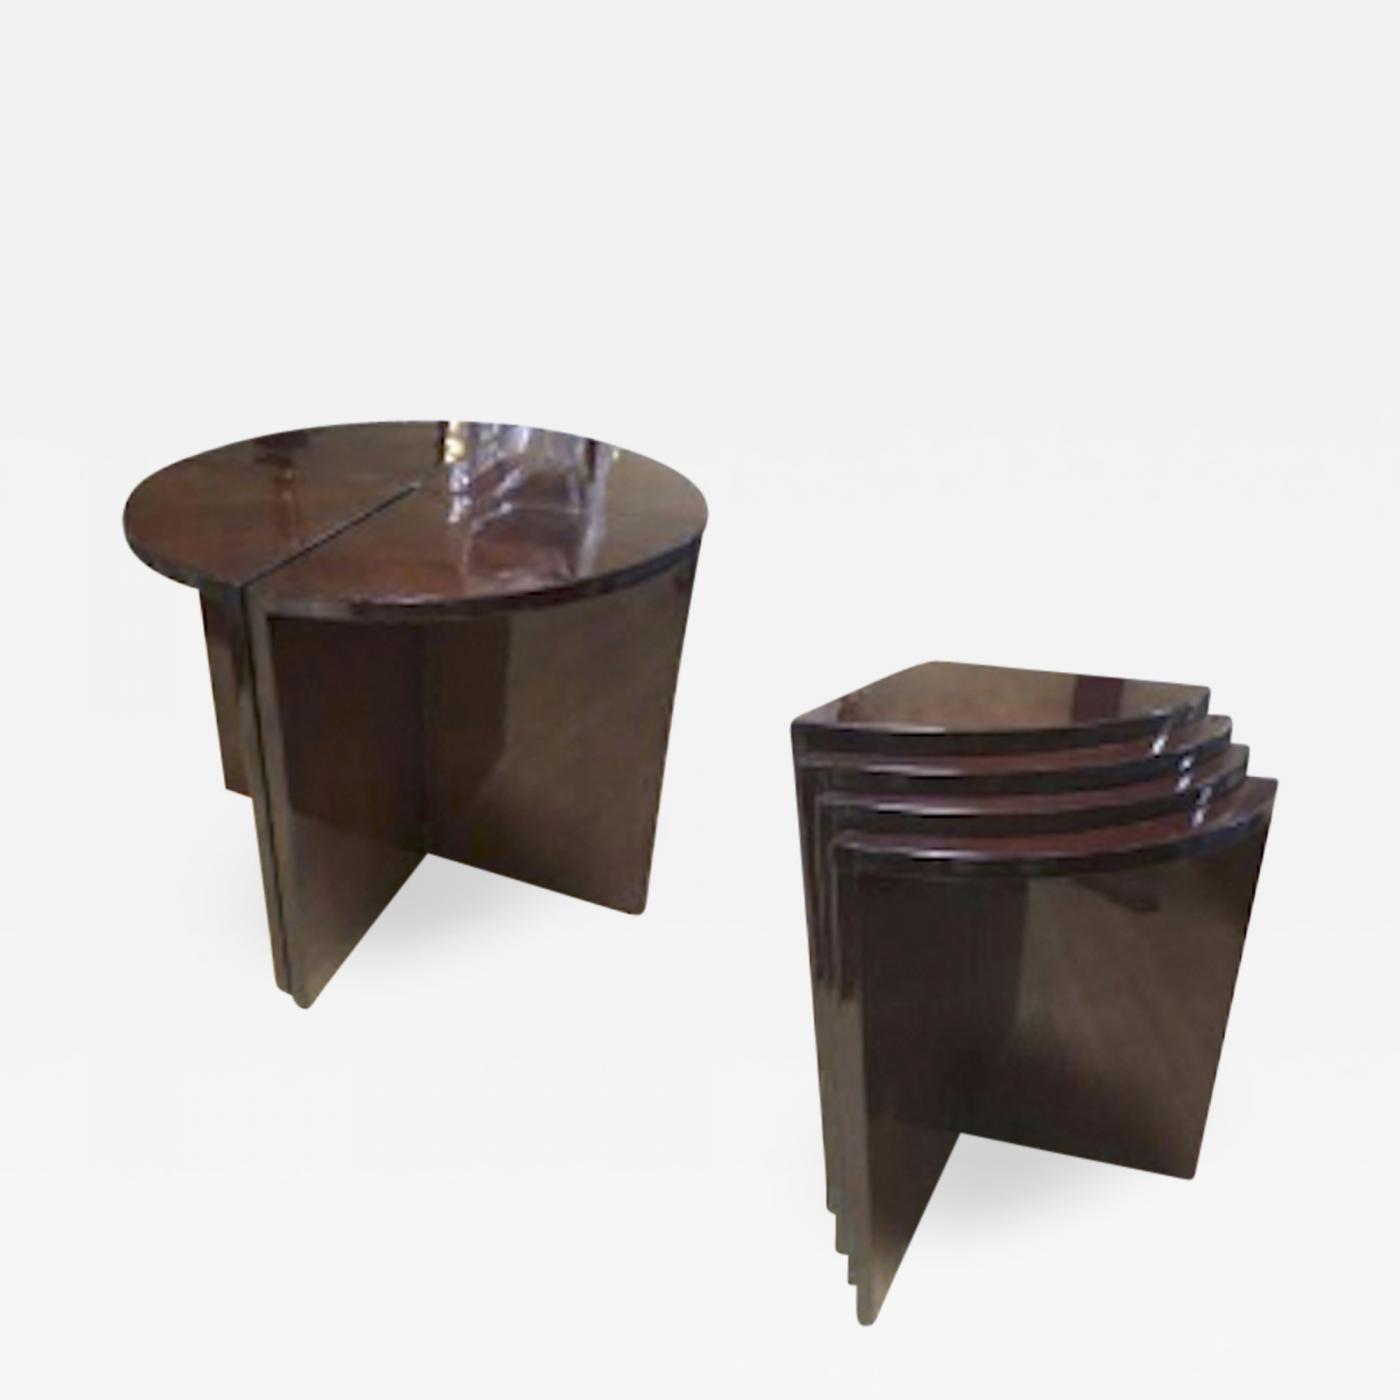 Peachy Art Deco Rare 4 Quarter Coffee Table Stackable In Nest Table Inzonedesignstudio Interior Chair Design Inzonedesignstudiocom